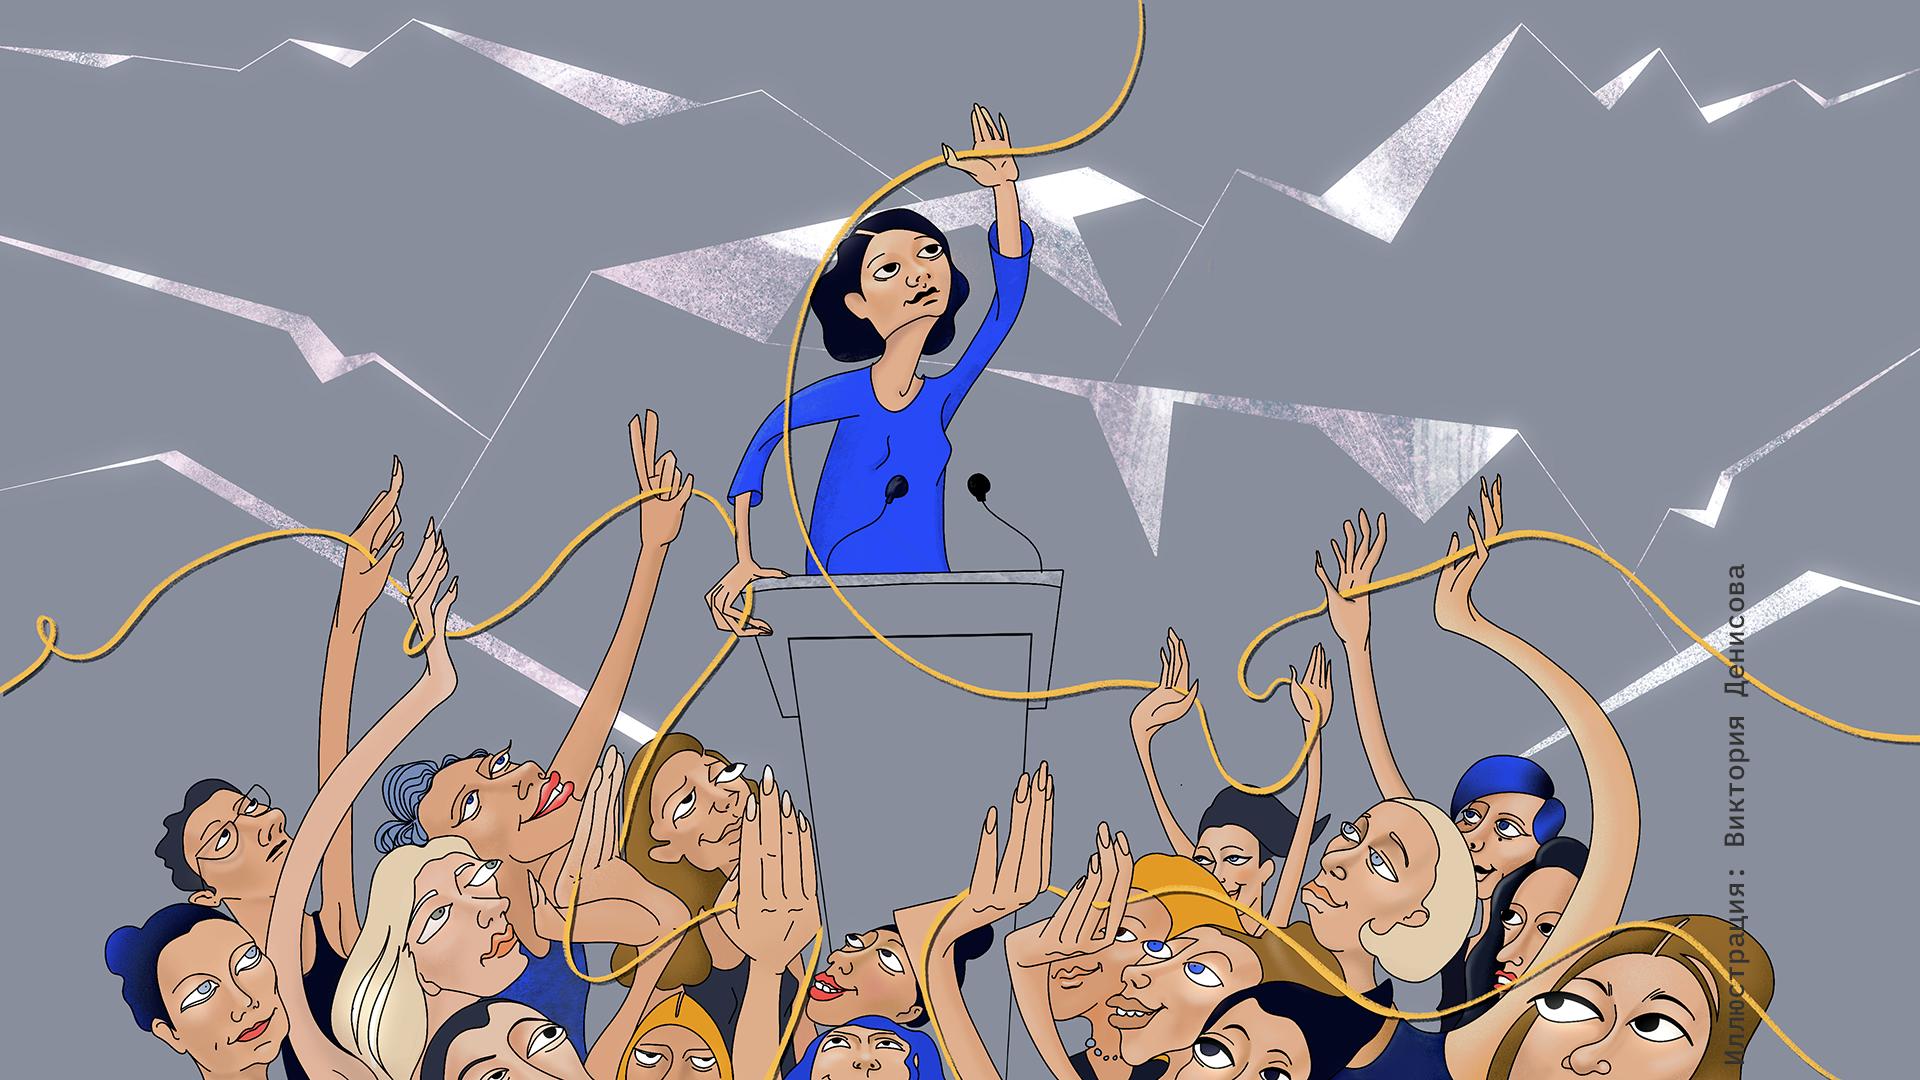 Выпуск 11. Скандинавия — общество победившего феминизма?